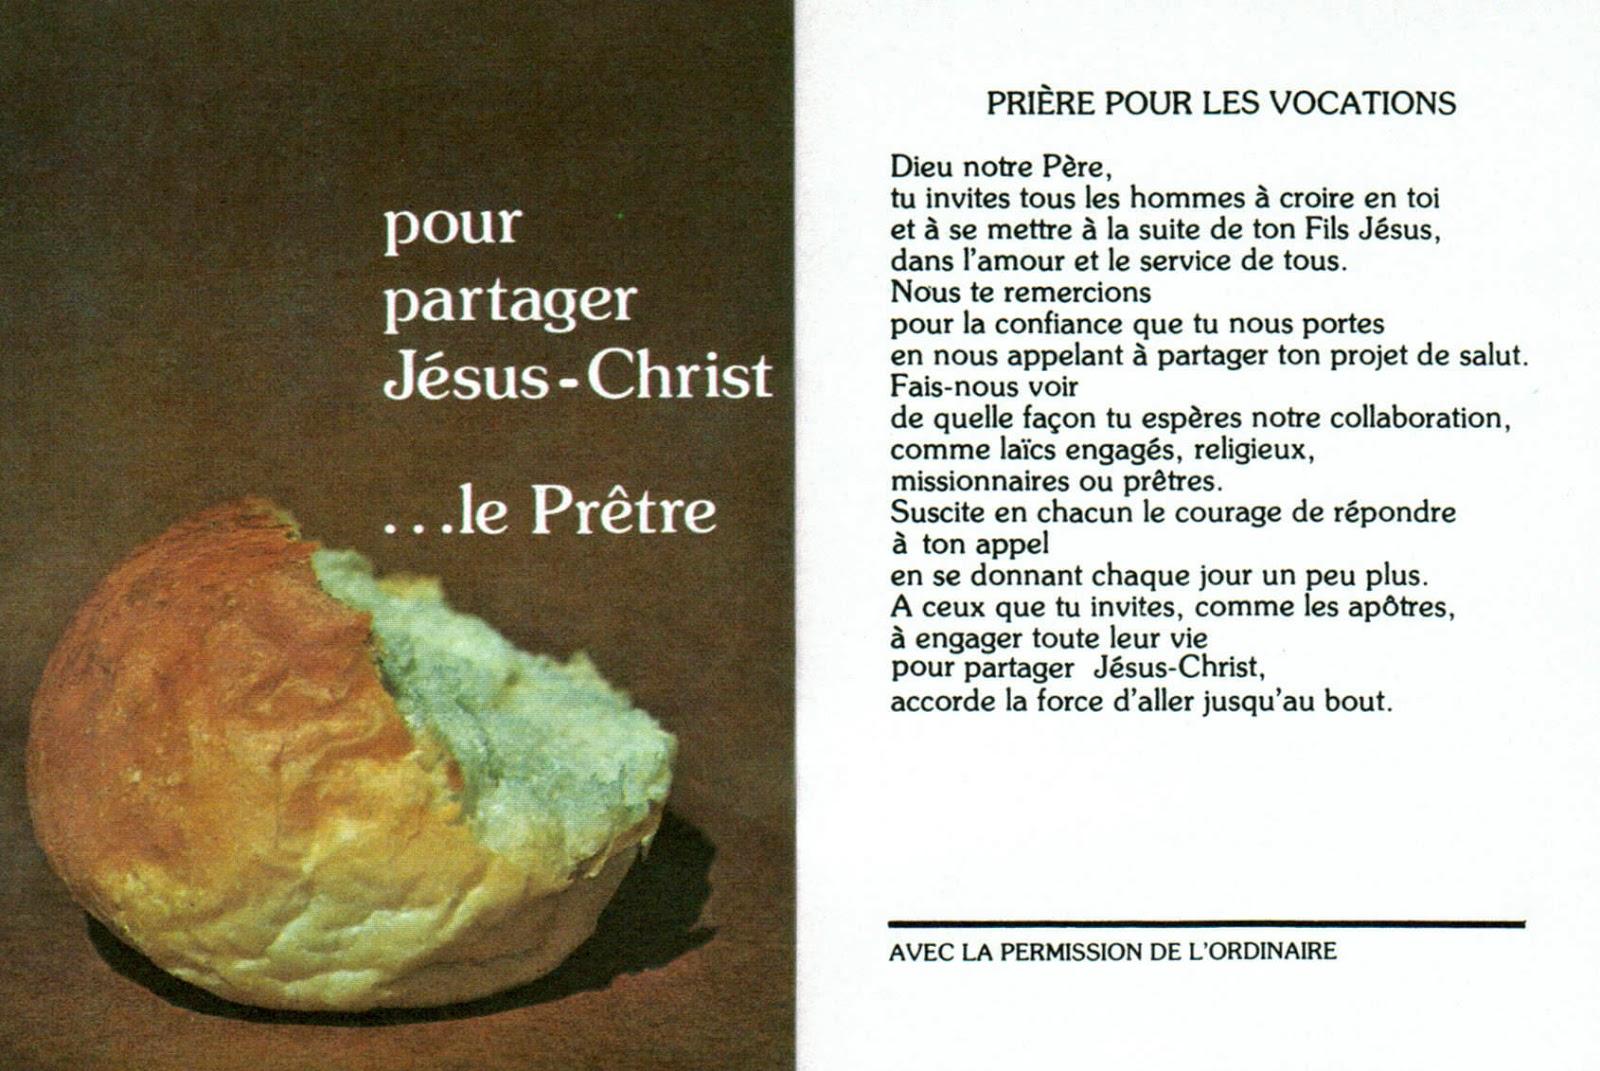 Vocations pri re pour les vocations - Priere pour couper le sang ...